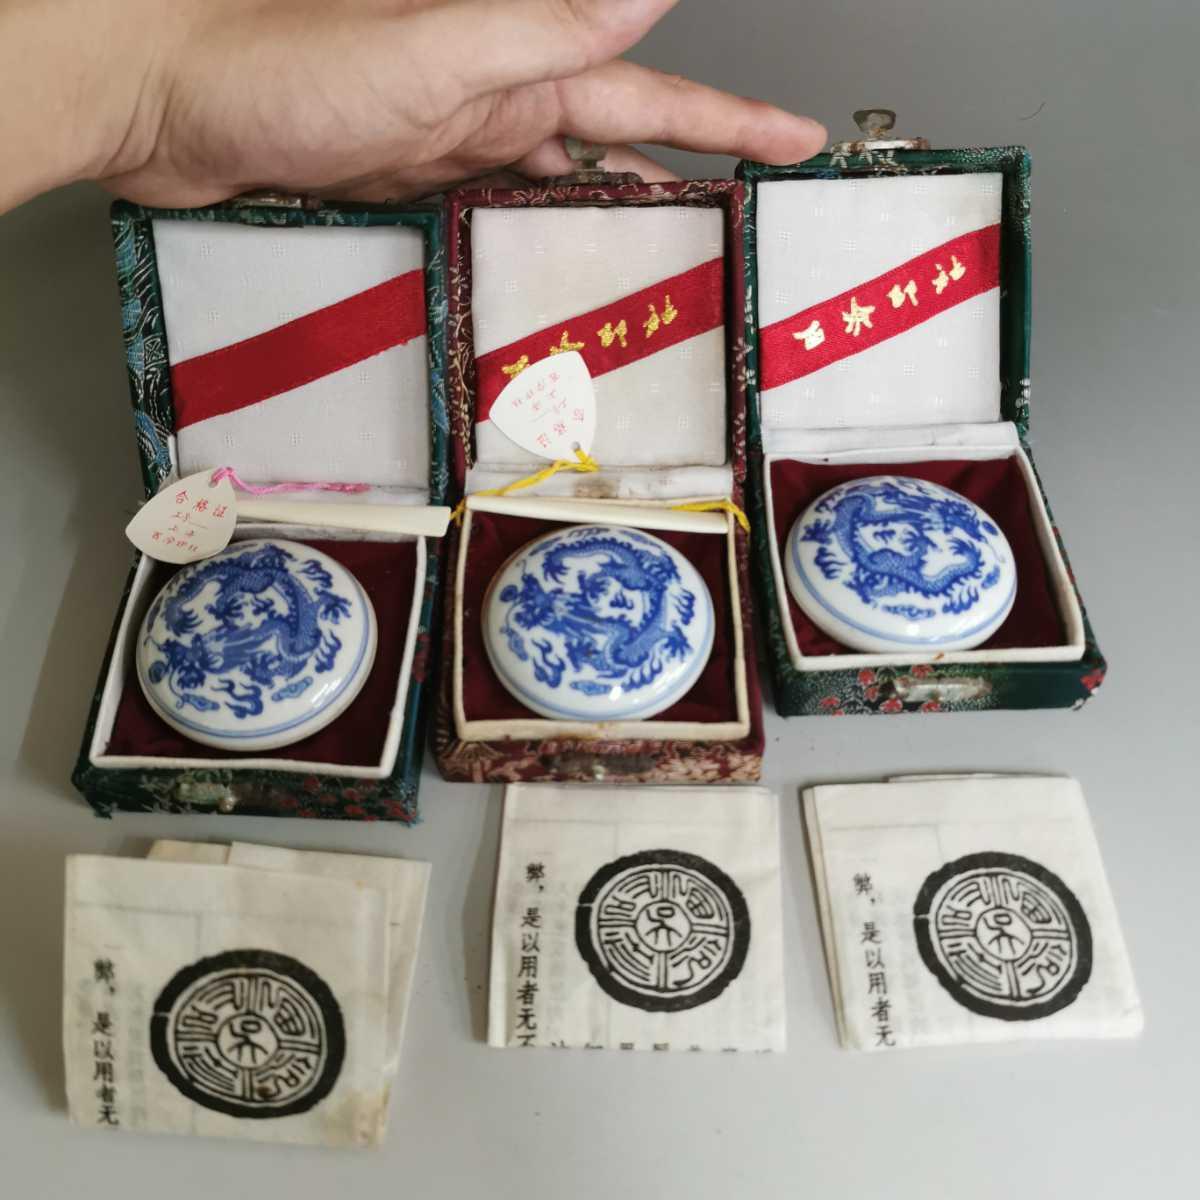 上海西冷印社 青花染付印泥入れ 3点 元箱付 陶器製 朱肉 中国美術 書道具